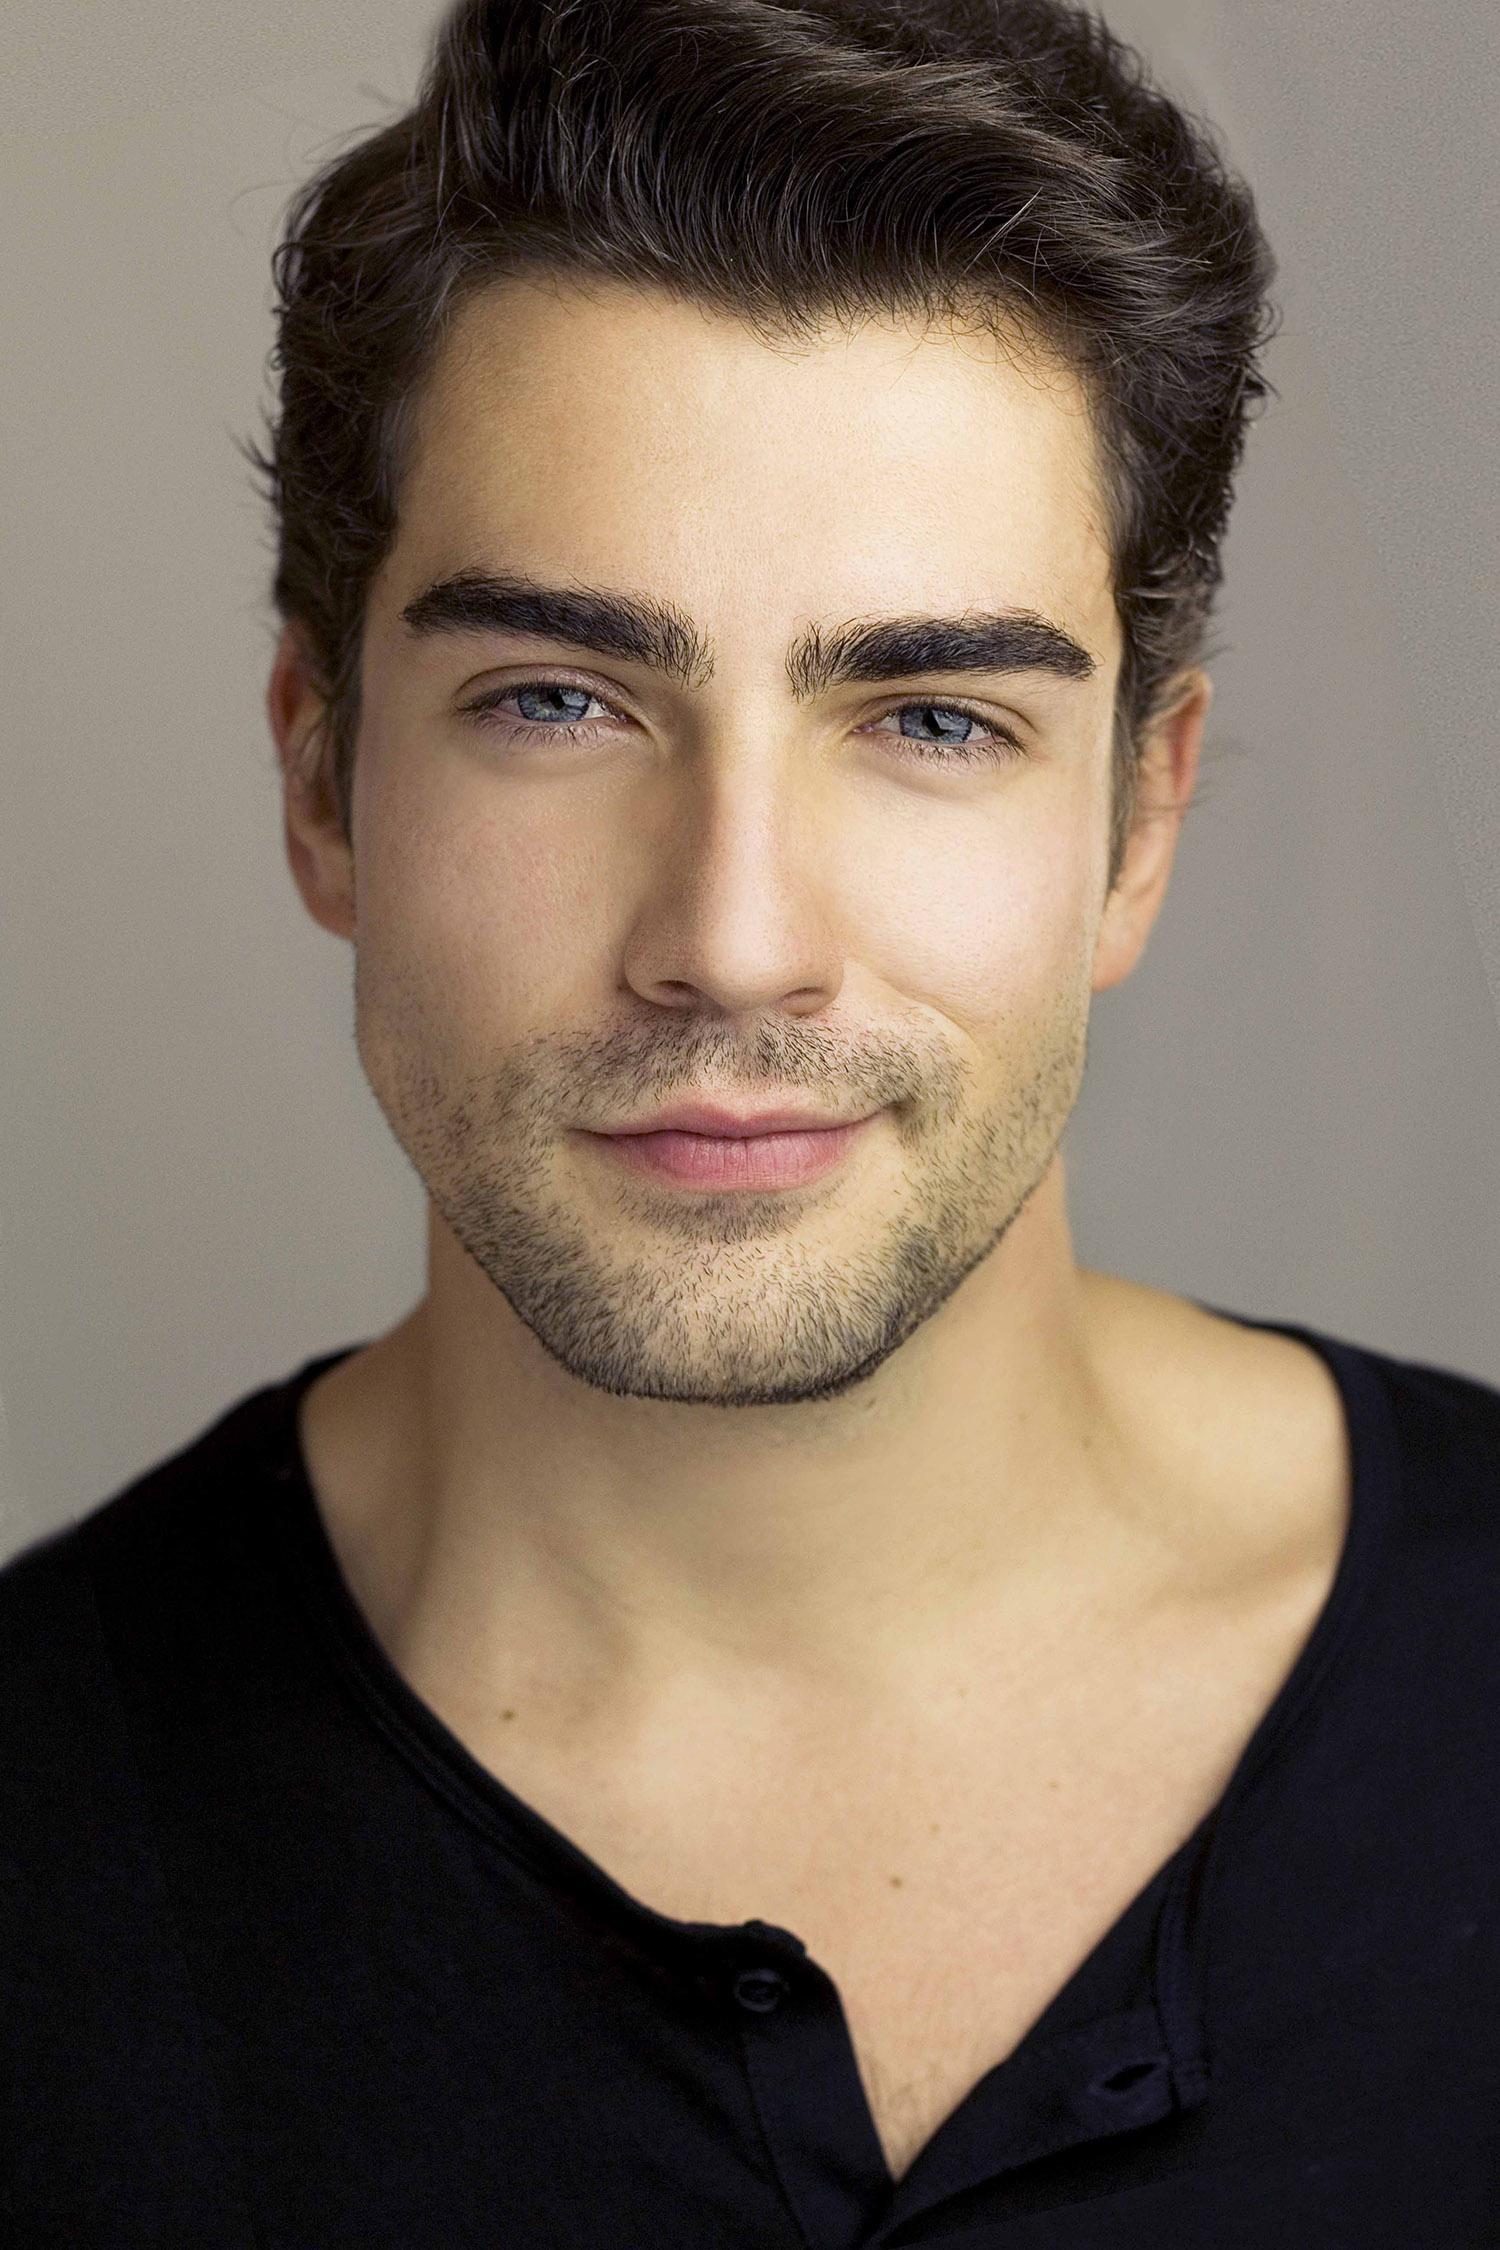 Josh Barrientos